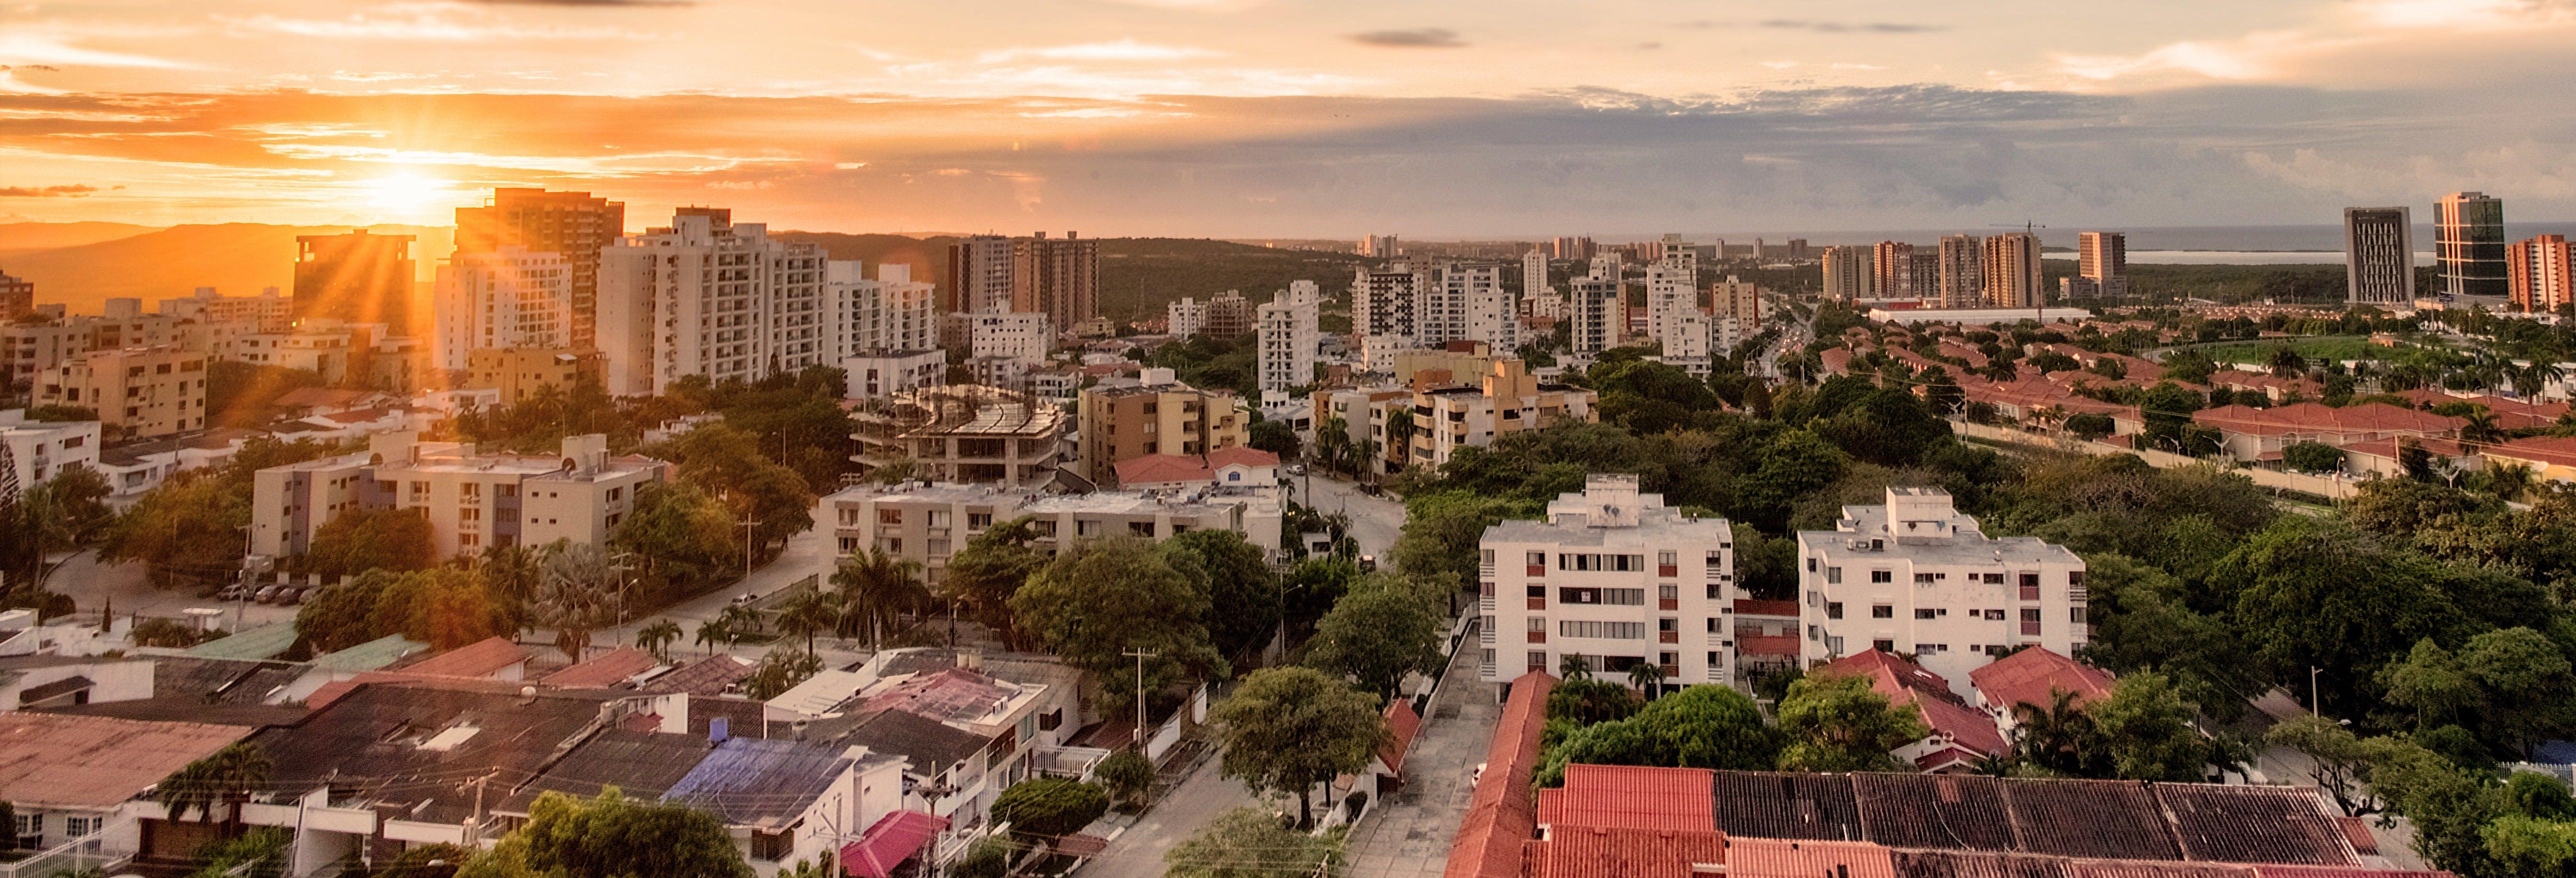 Escursione privata a Barranquilla